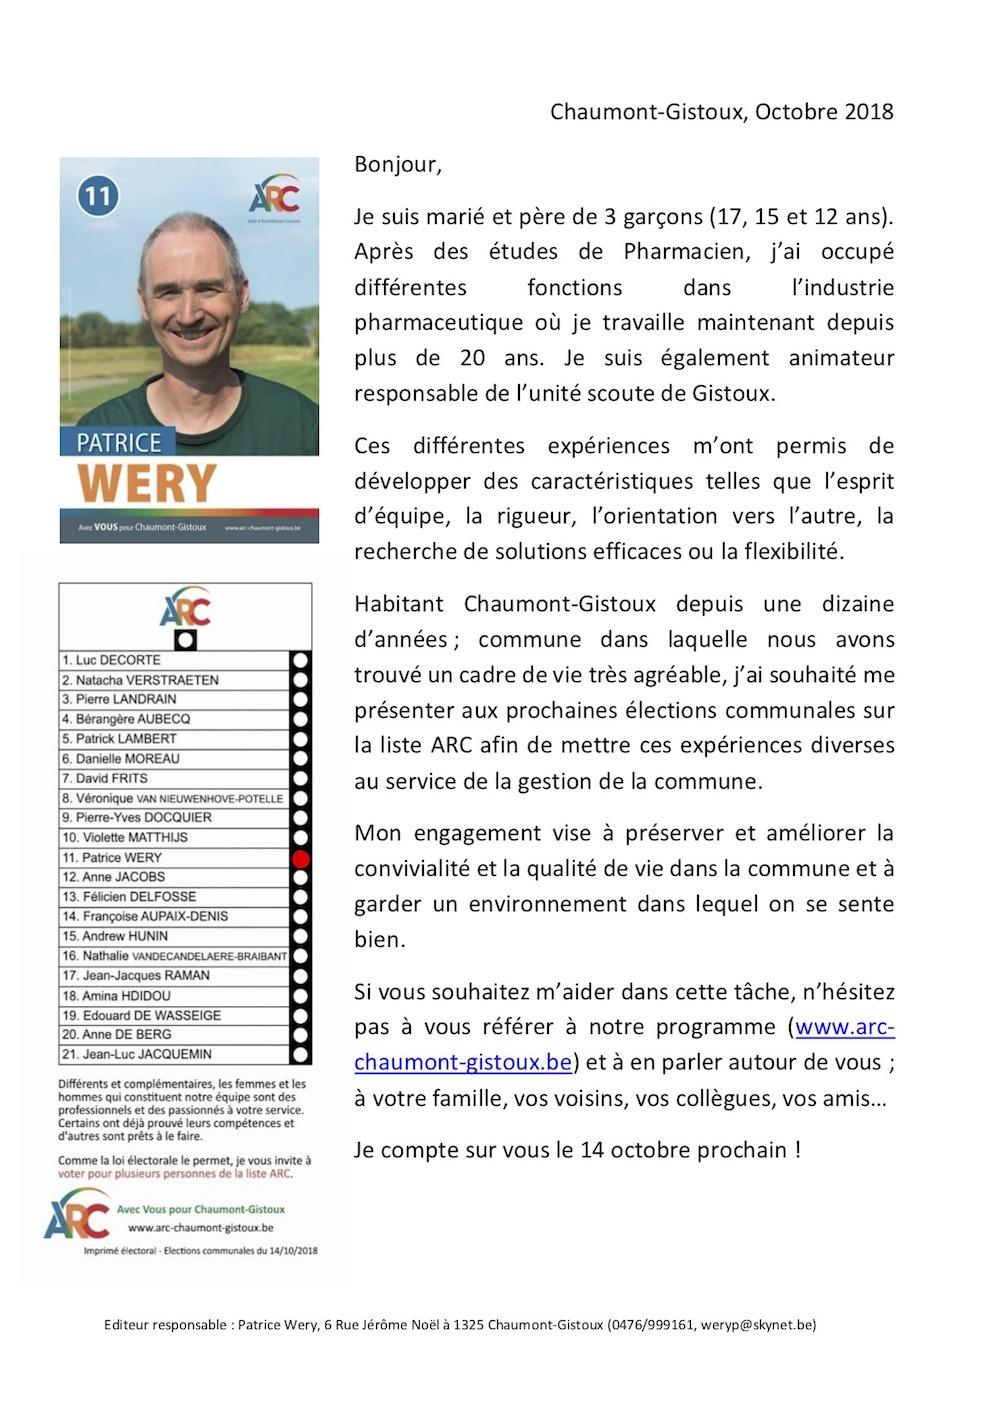 Téléchargez le tract personnel de Patrice WERY en .pdf (240 KB)